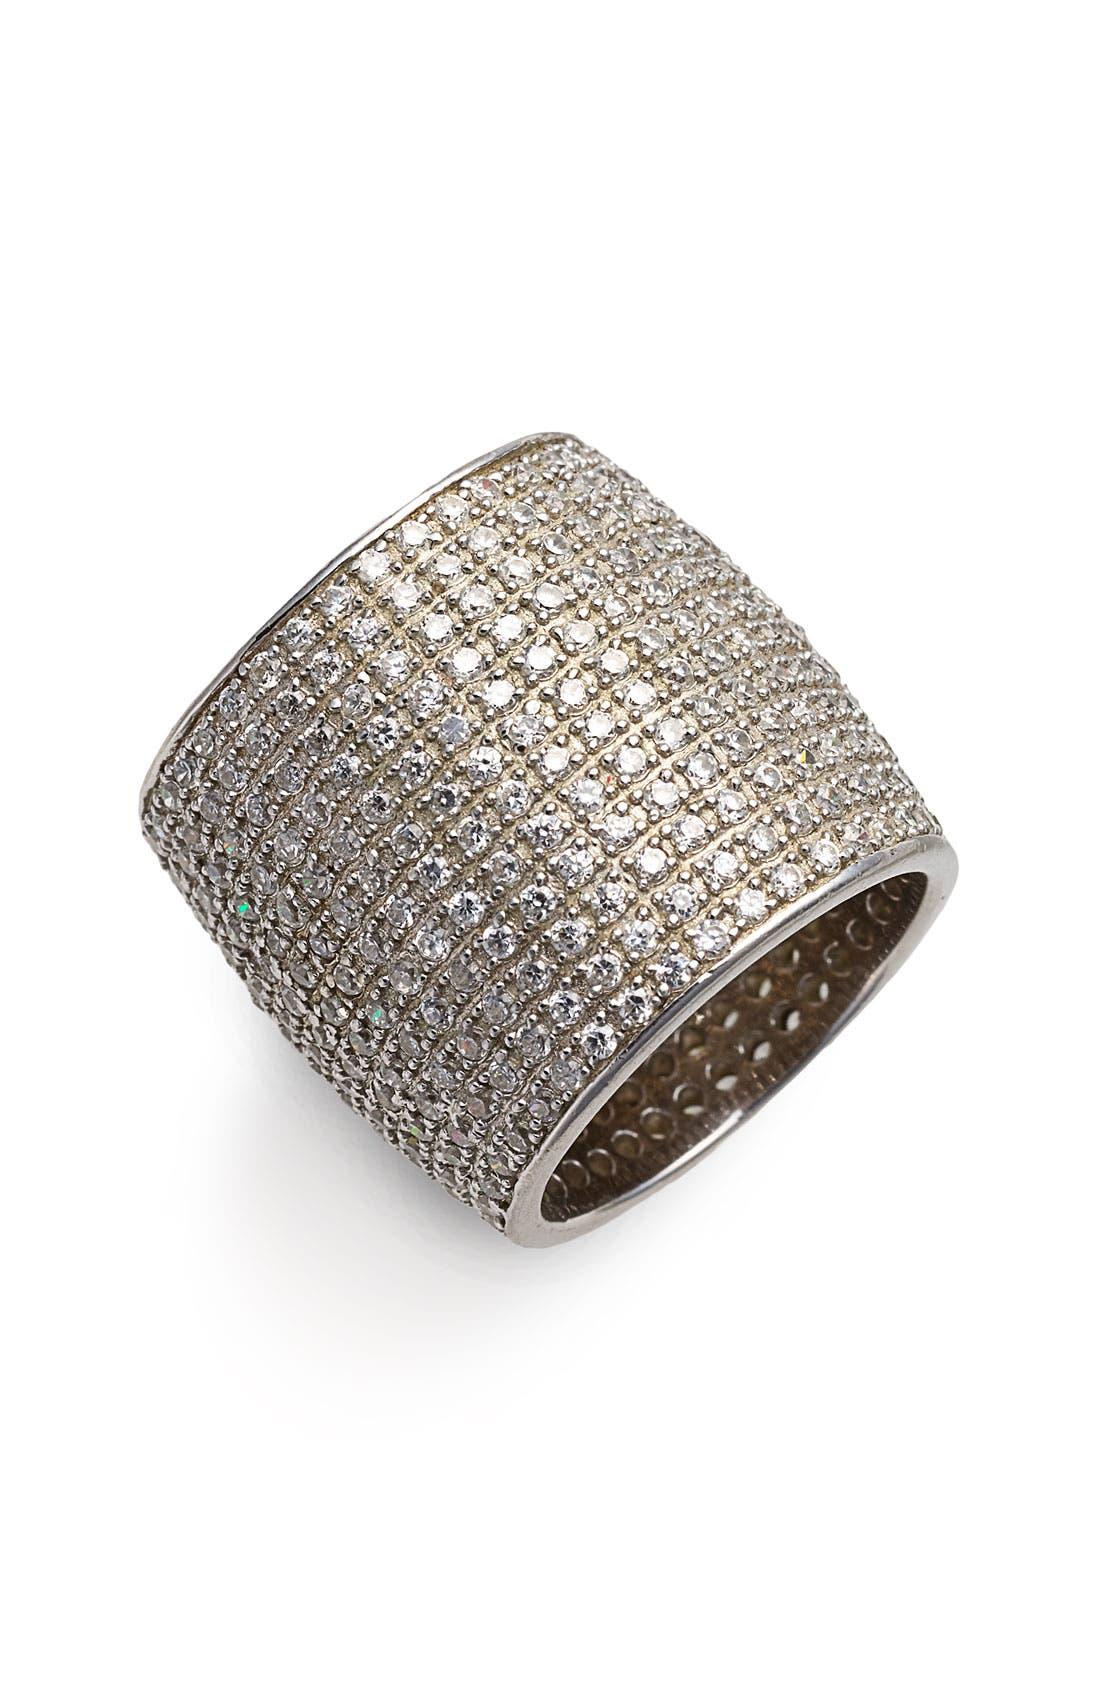 Alternate Image 1 Selected - Tom Binns 'Bejewelled' Cylinder Ring